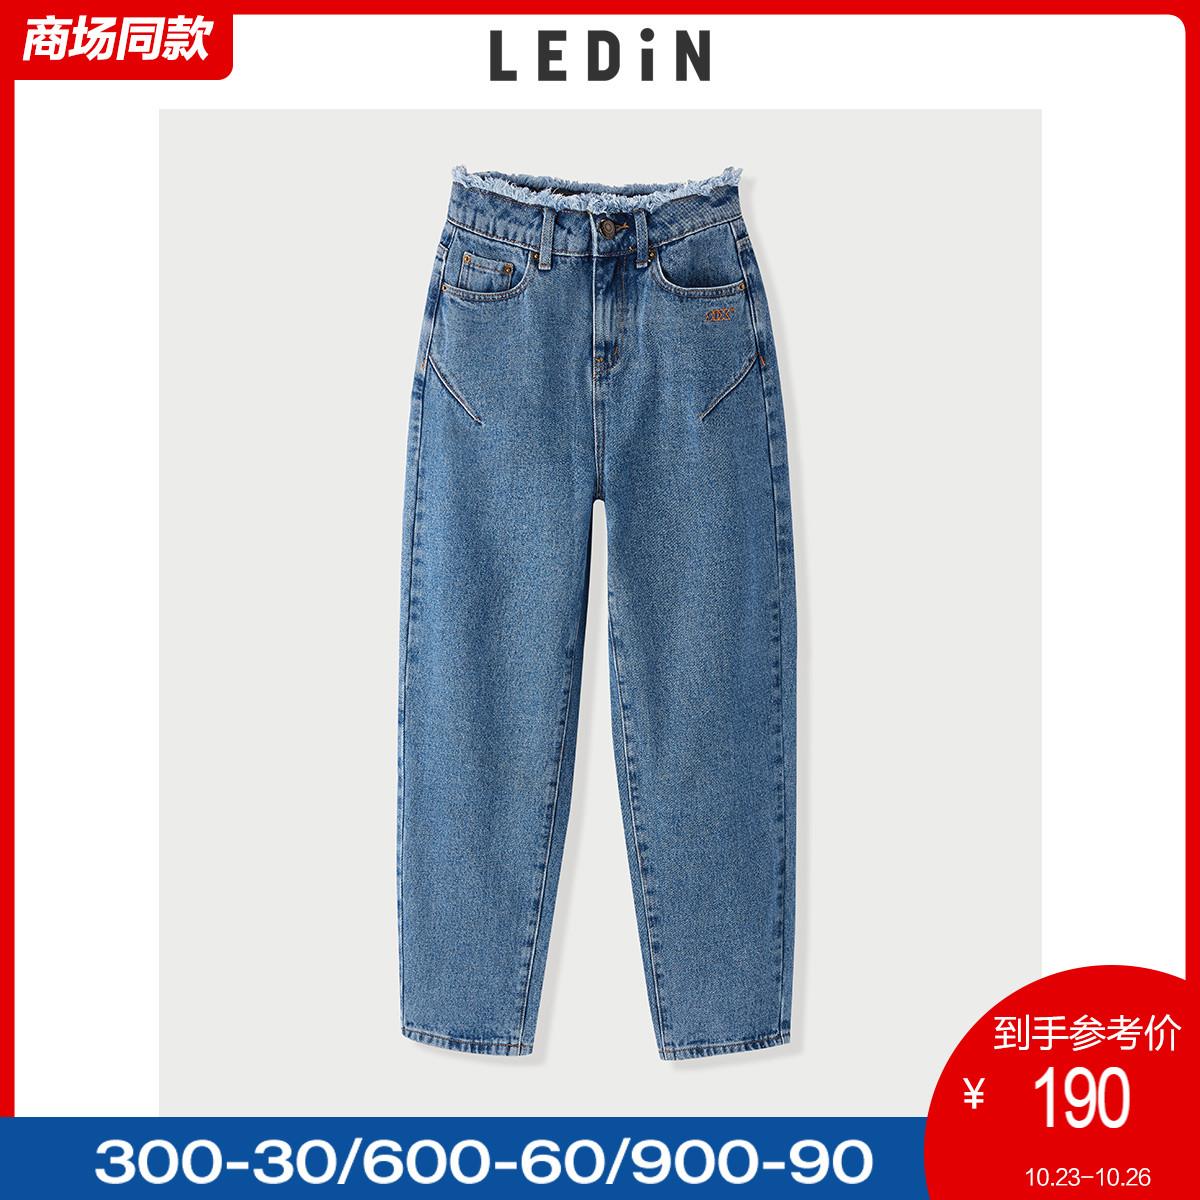 【商场同款】乐町2021春装新款高腰毛边黑色宽松牛仔裤C2HAA4101